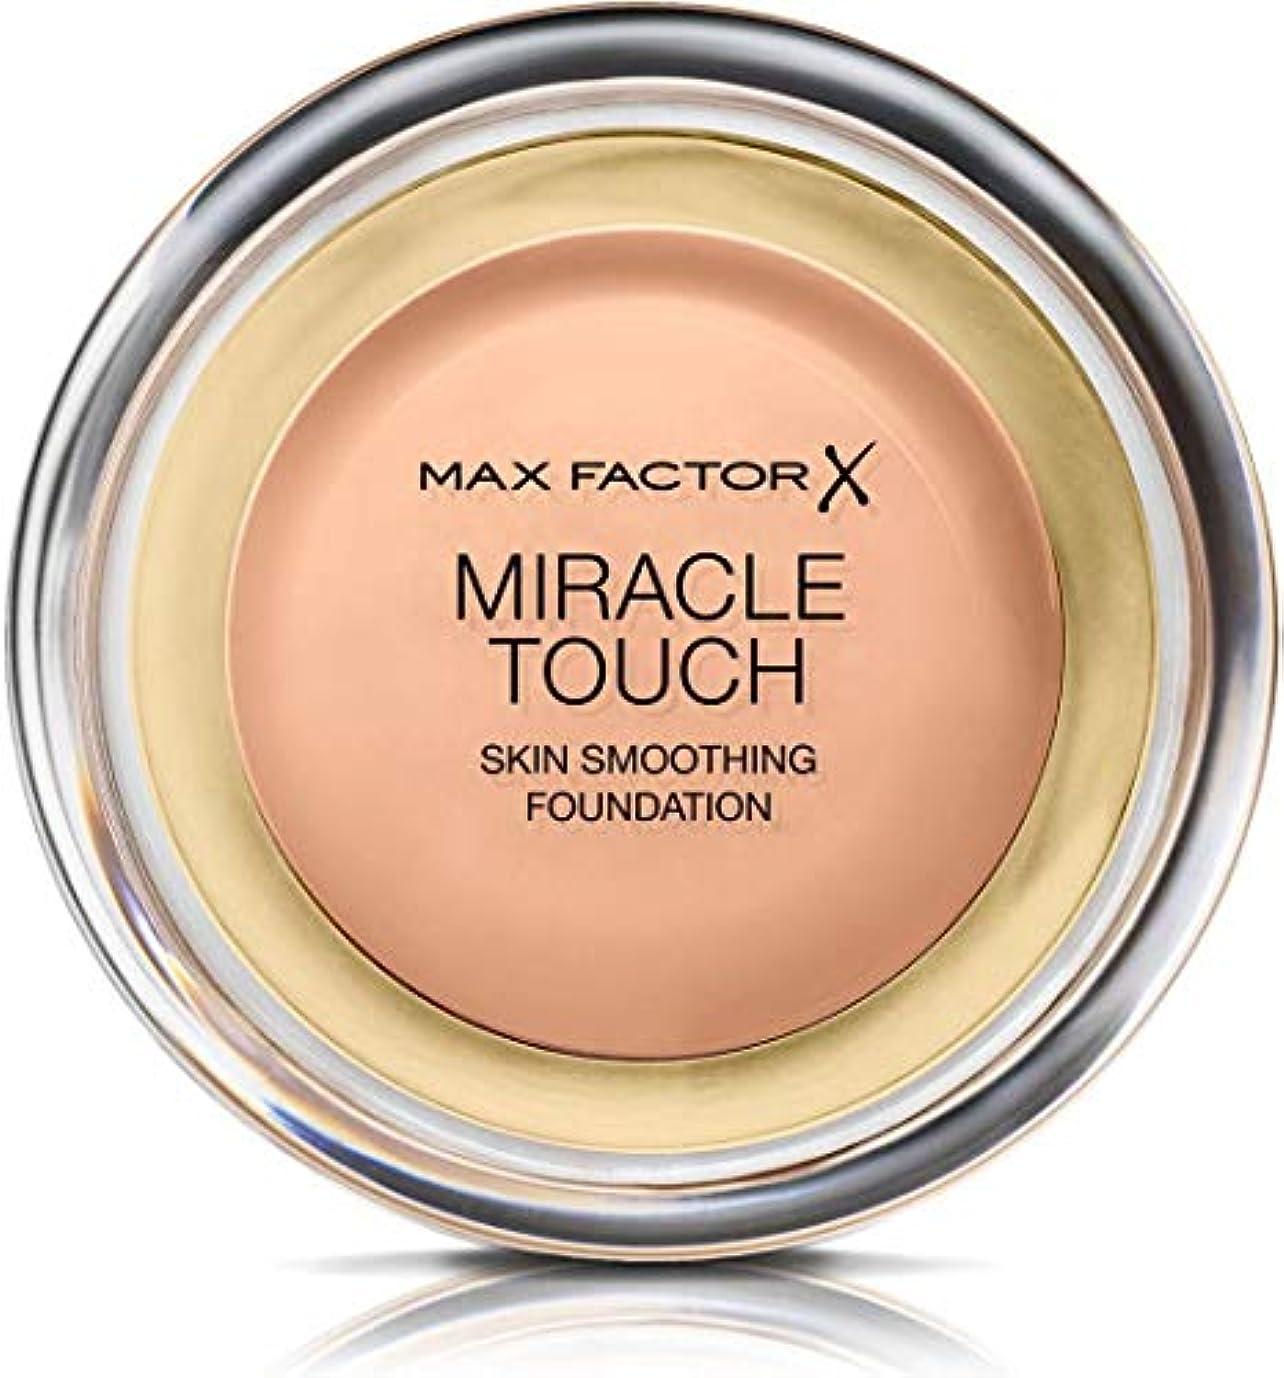 ソーダ水工夫する前方へマックス ファクター ミラクル タッチ スキン スムーズ ファウンデーション - ローズ ベージュ Max Factor Miracle Touch Skin Smoothing Foundation - Rose Beige...